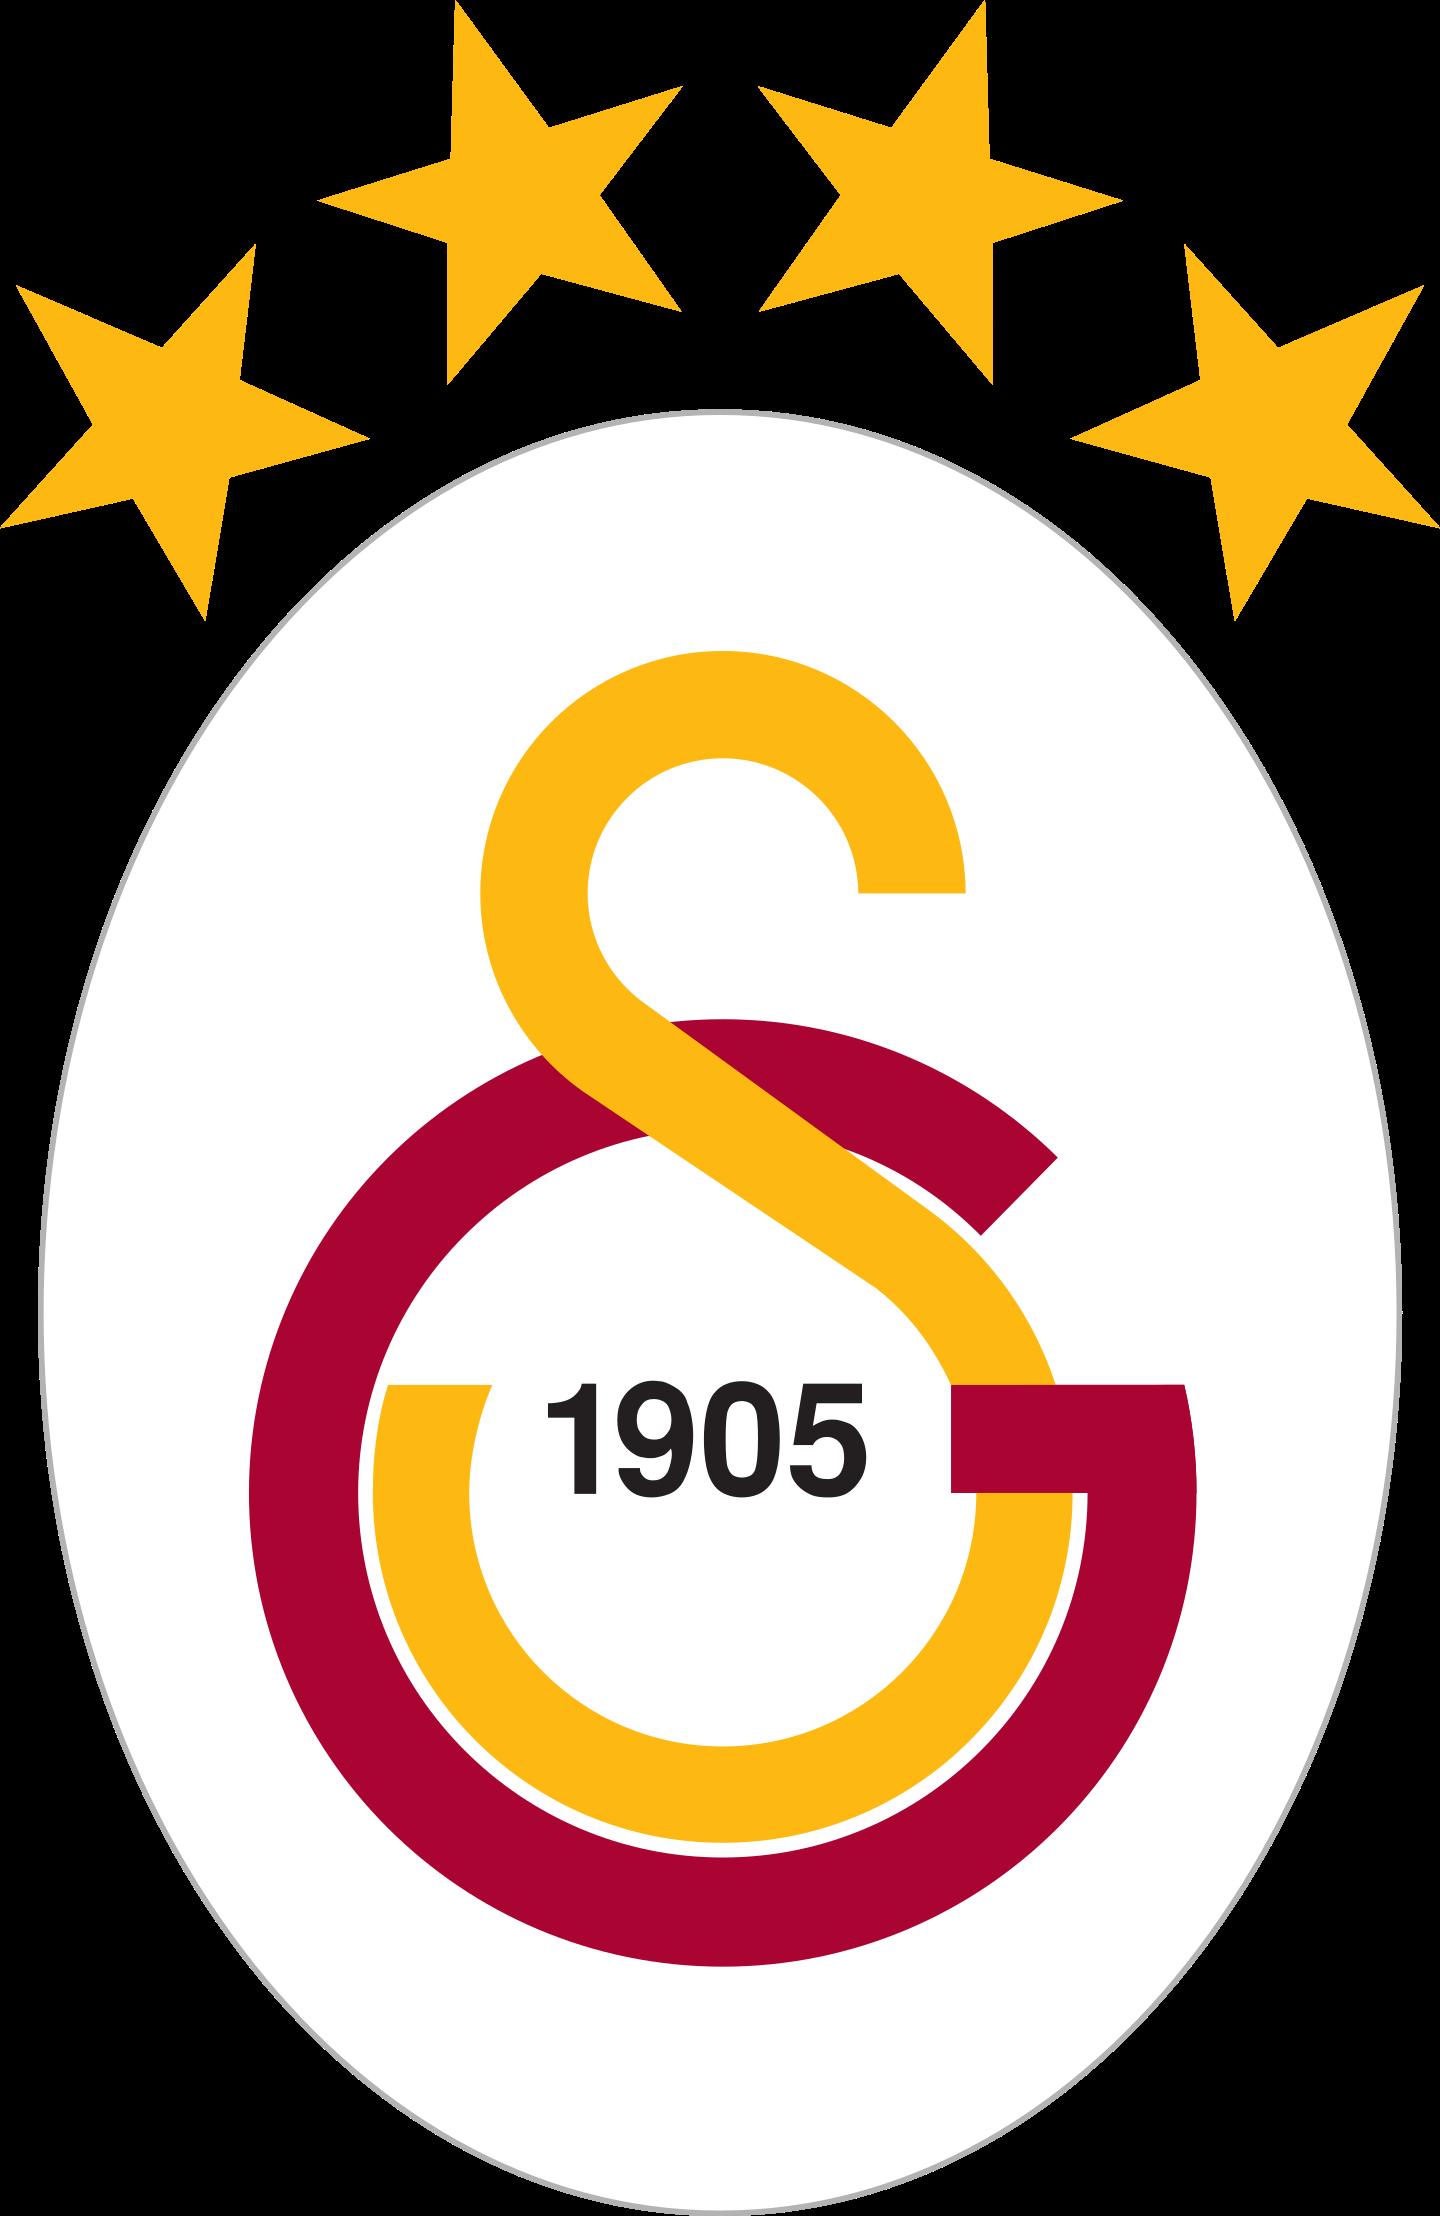 galatasaray logo 2 - Galatasaray SK Logo